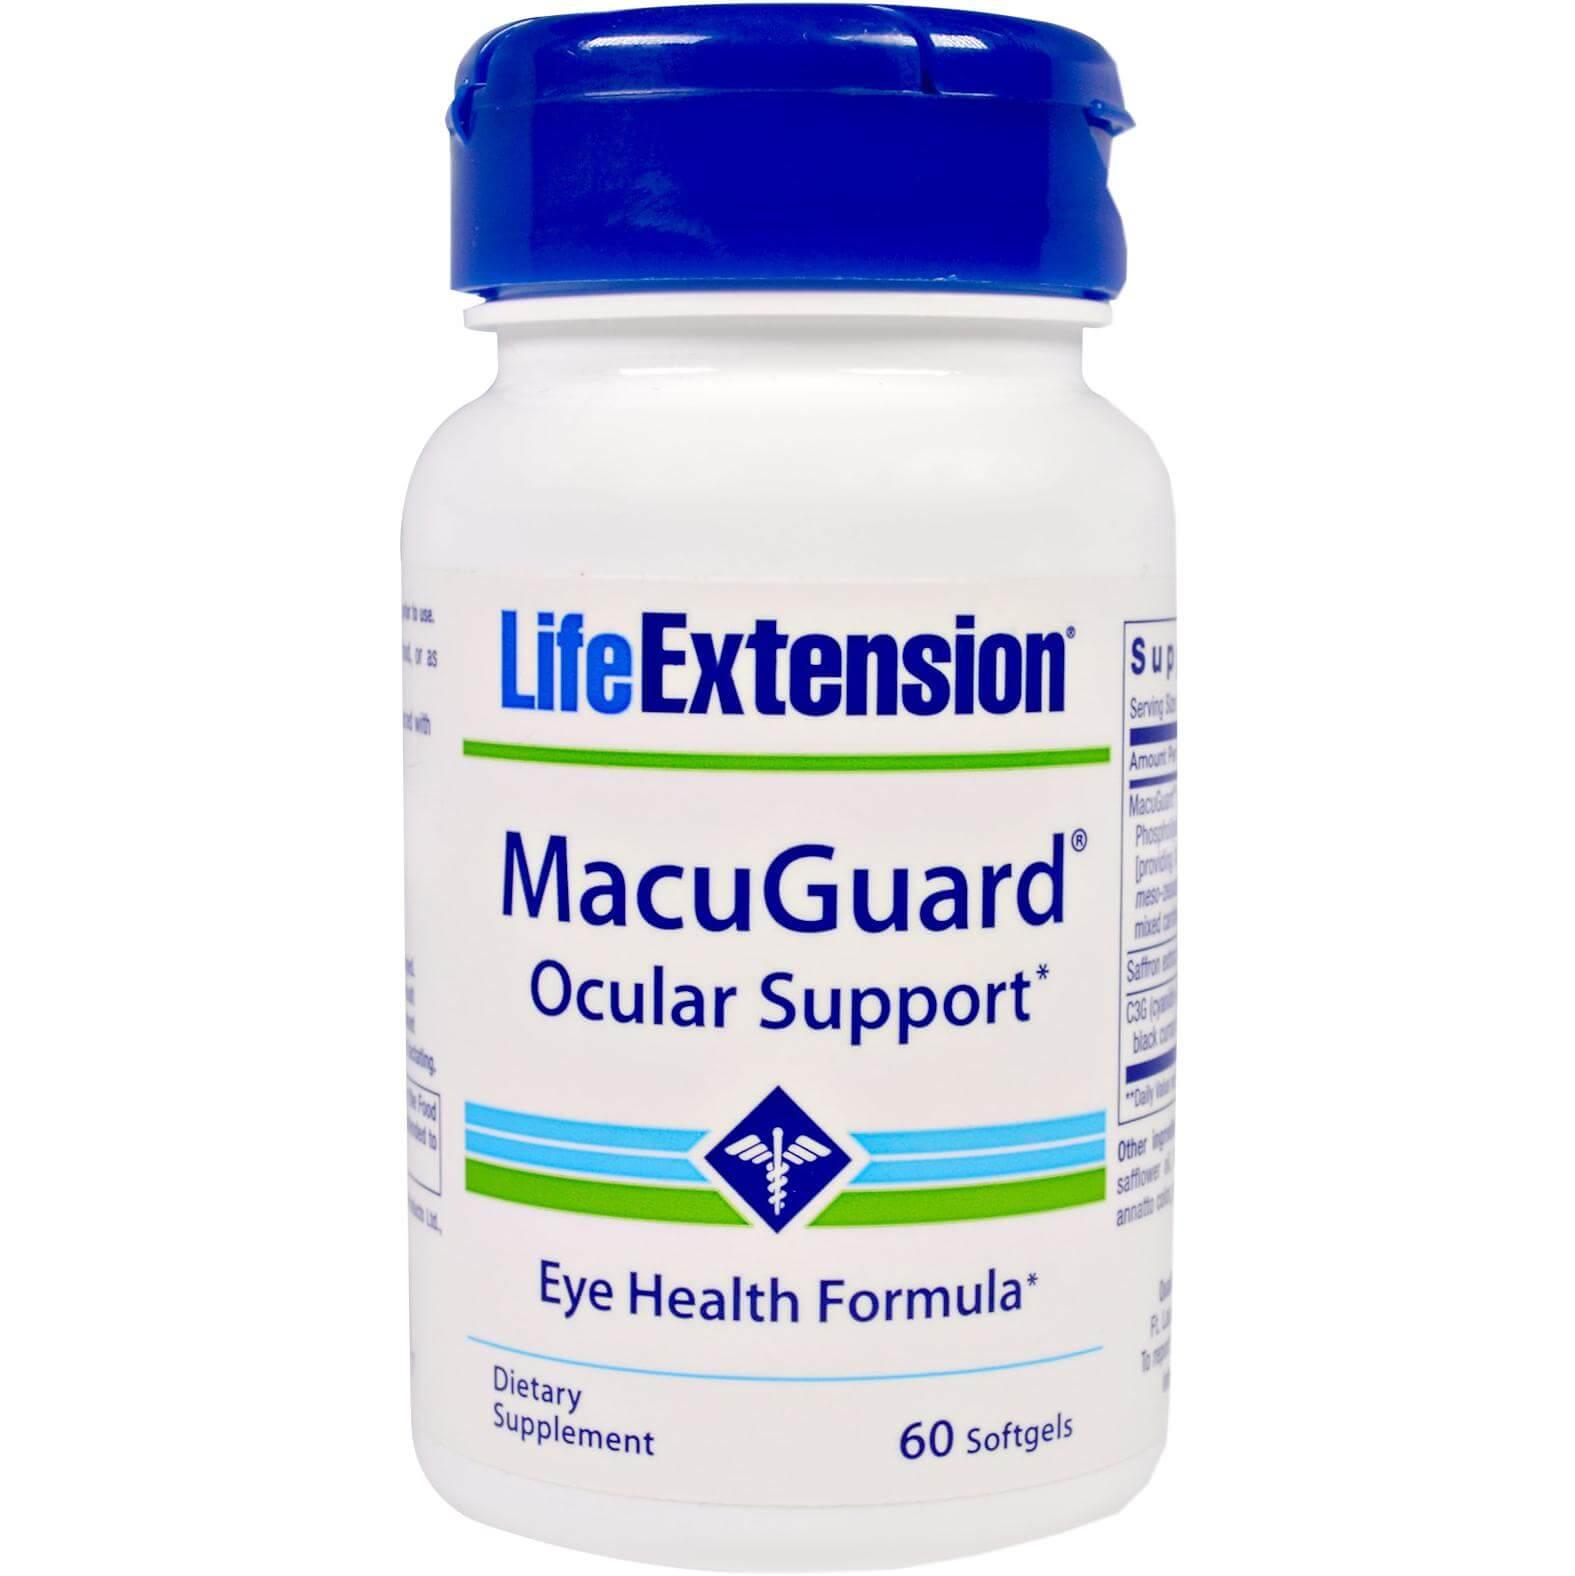 Life Extension MacuGuard Ocular Support Συμπλήρωμα Διατροφής που Συμβάλλει στην Υγεία των Ματιών 60softgels